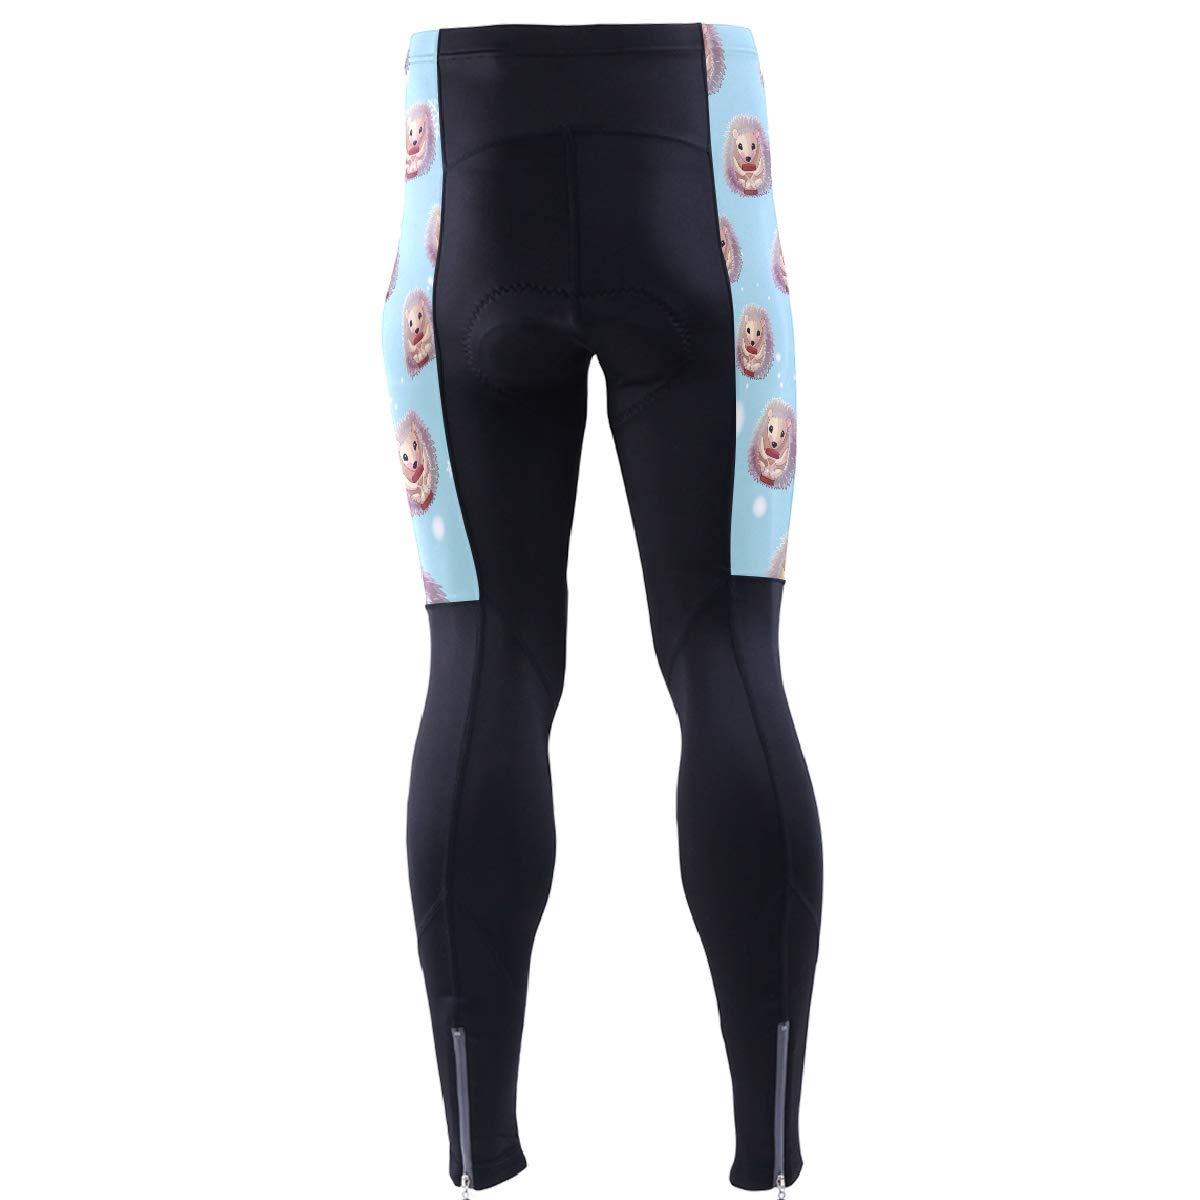 DERLONKAJE Mens Bicycle Pants Weed Leaf Cycling Tights MTB Leggings